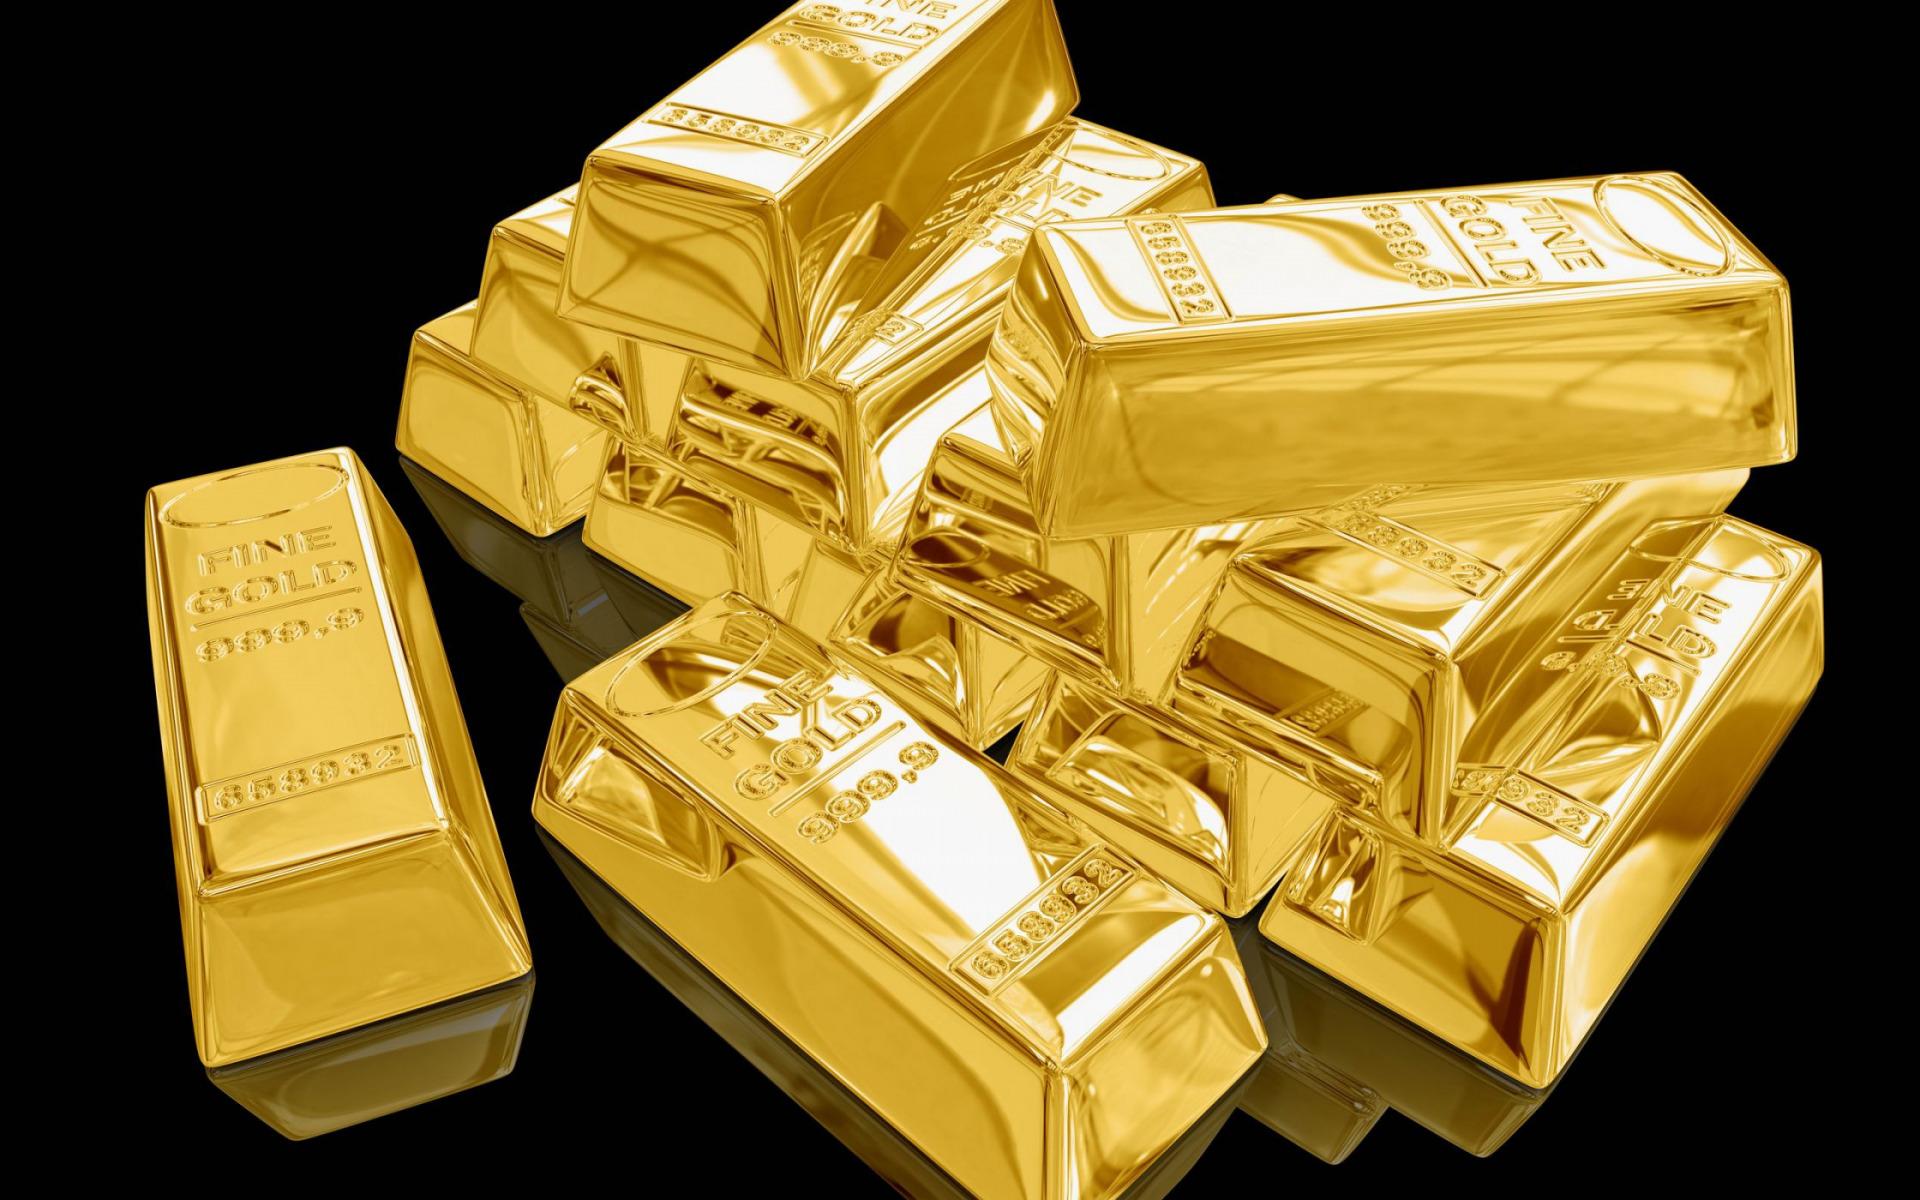 شراء سبائك الذهب أون لاين في السعودية